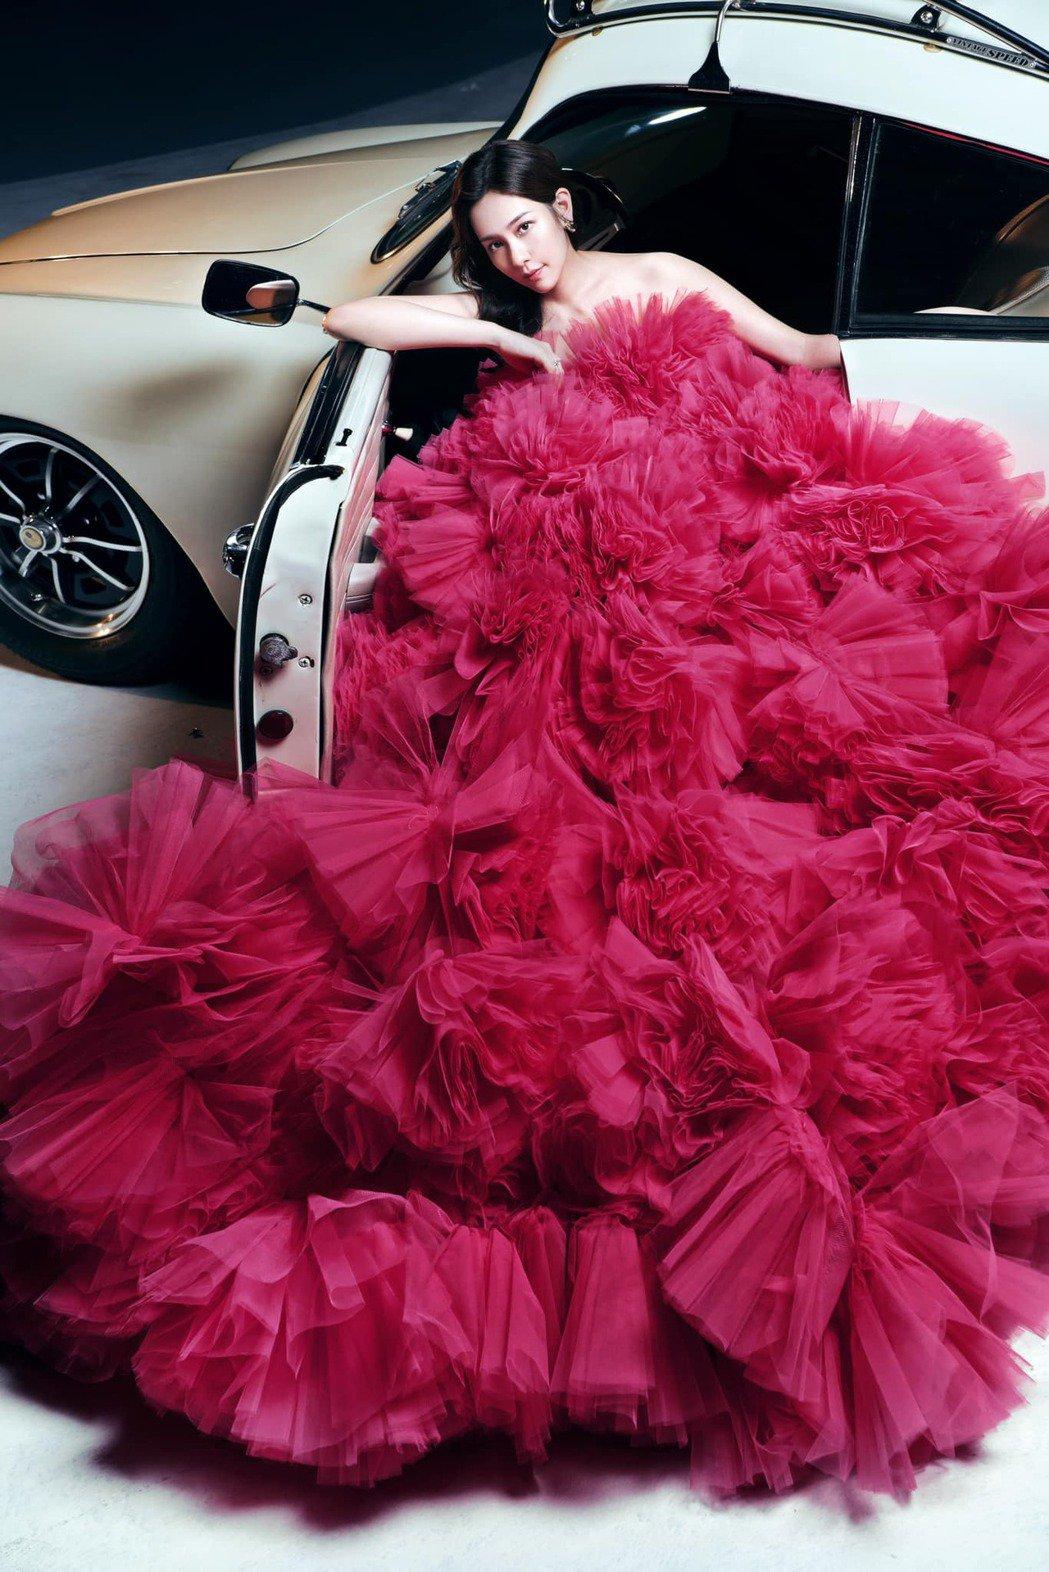 女星丁巧唯婚紗照充滿電影風。圖/摘自臉書